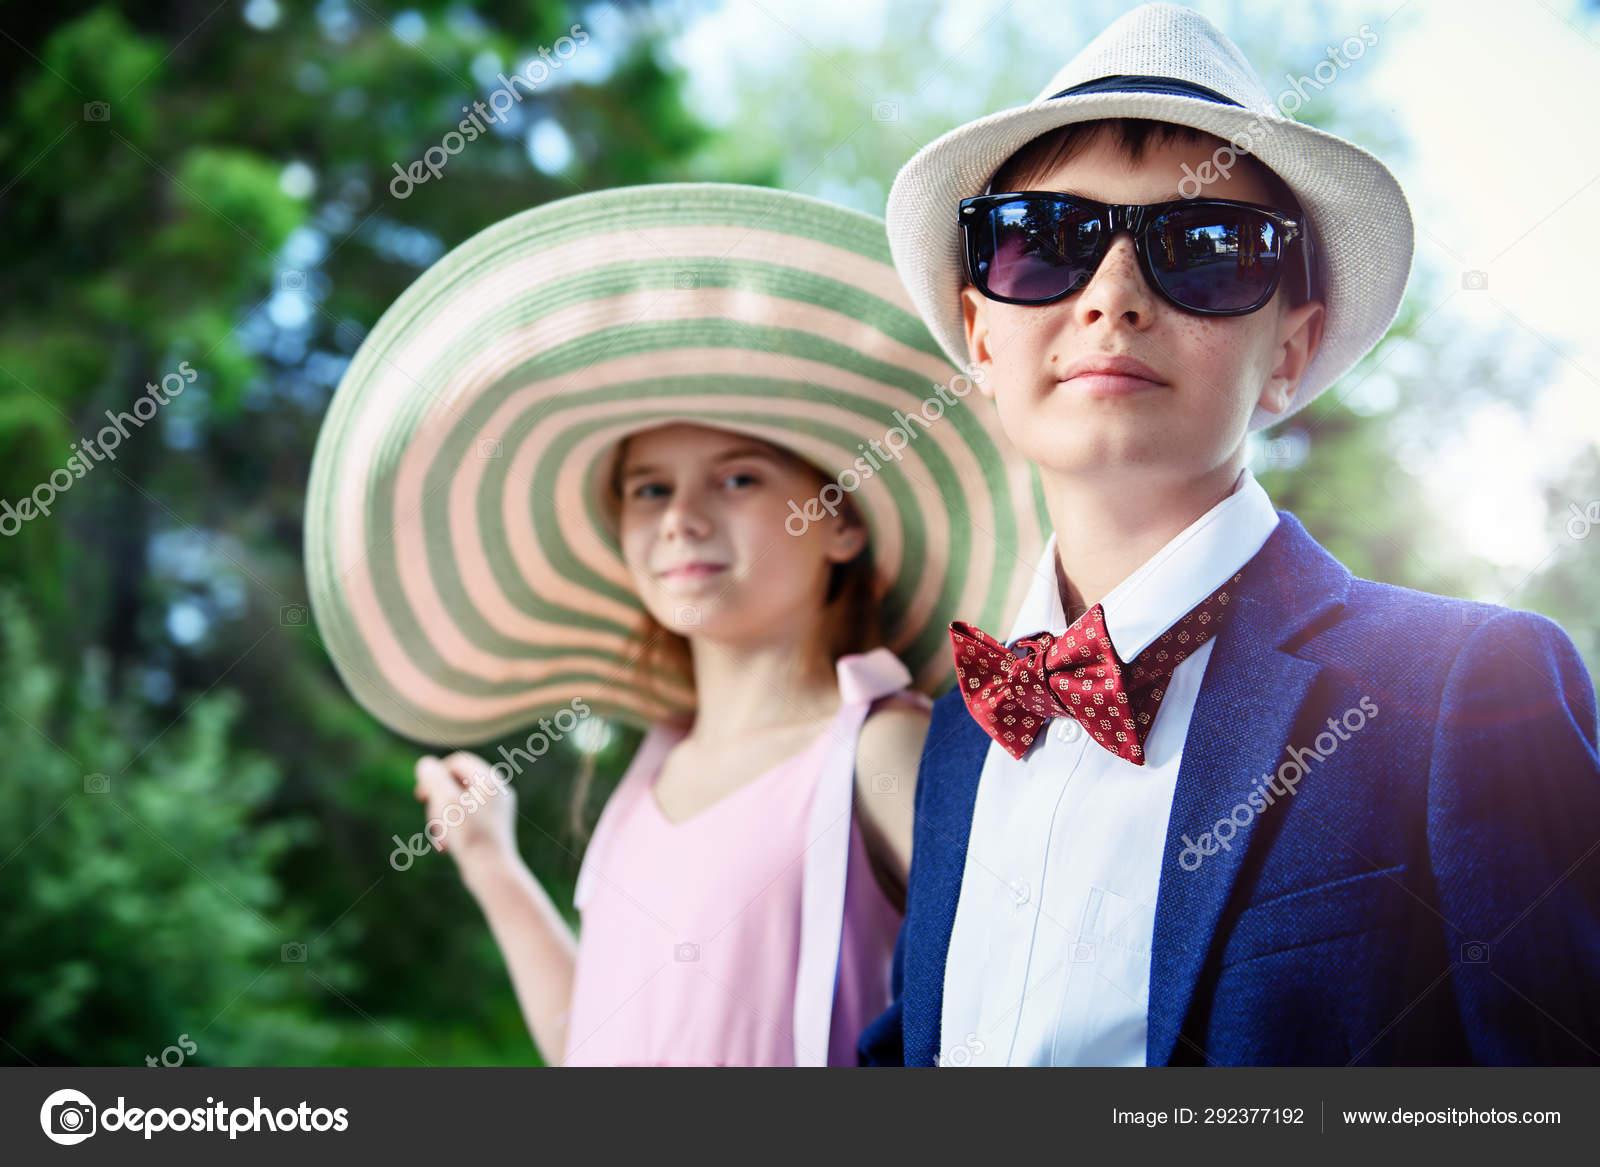 большому сожалению, леди и джентльмен фотомодель вакансии невероятно красиво